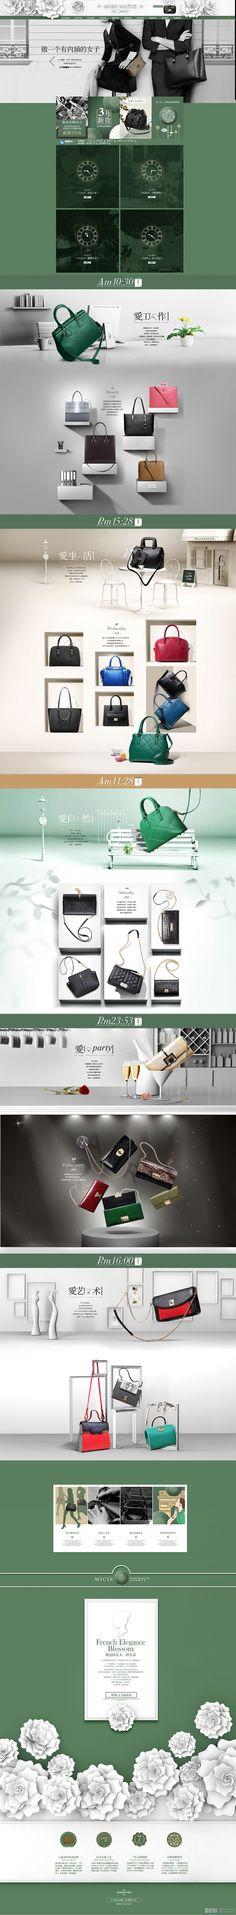 【新提醒】奢华大气自然-致设计 电商设计...